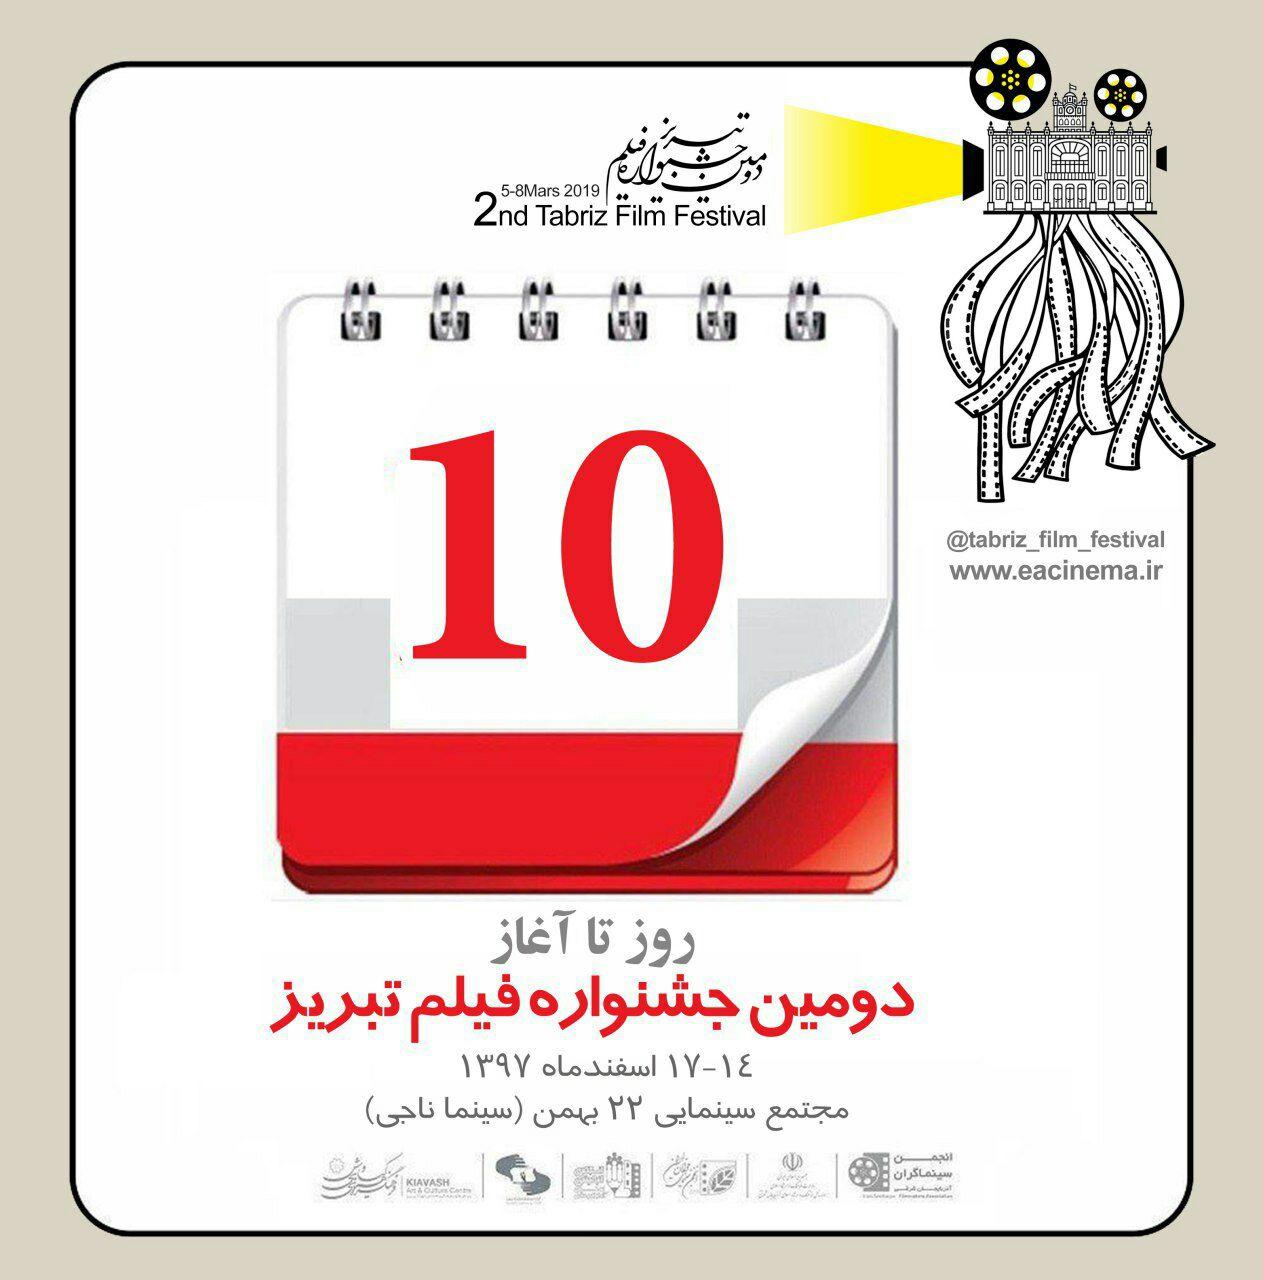 هیئت داوران جشنواره فیلم تبریز معرفی شدند